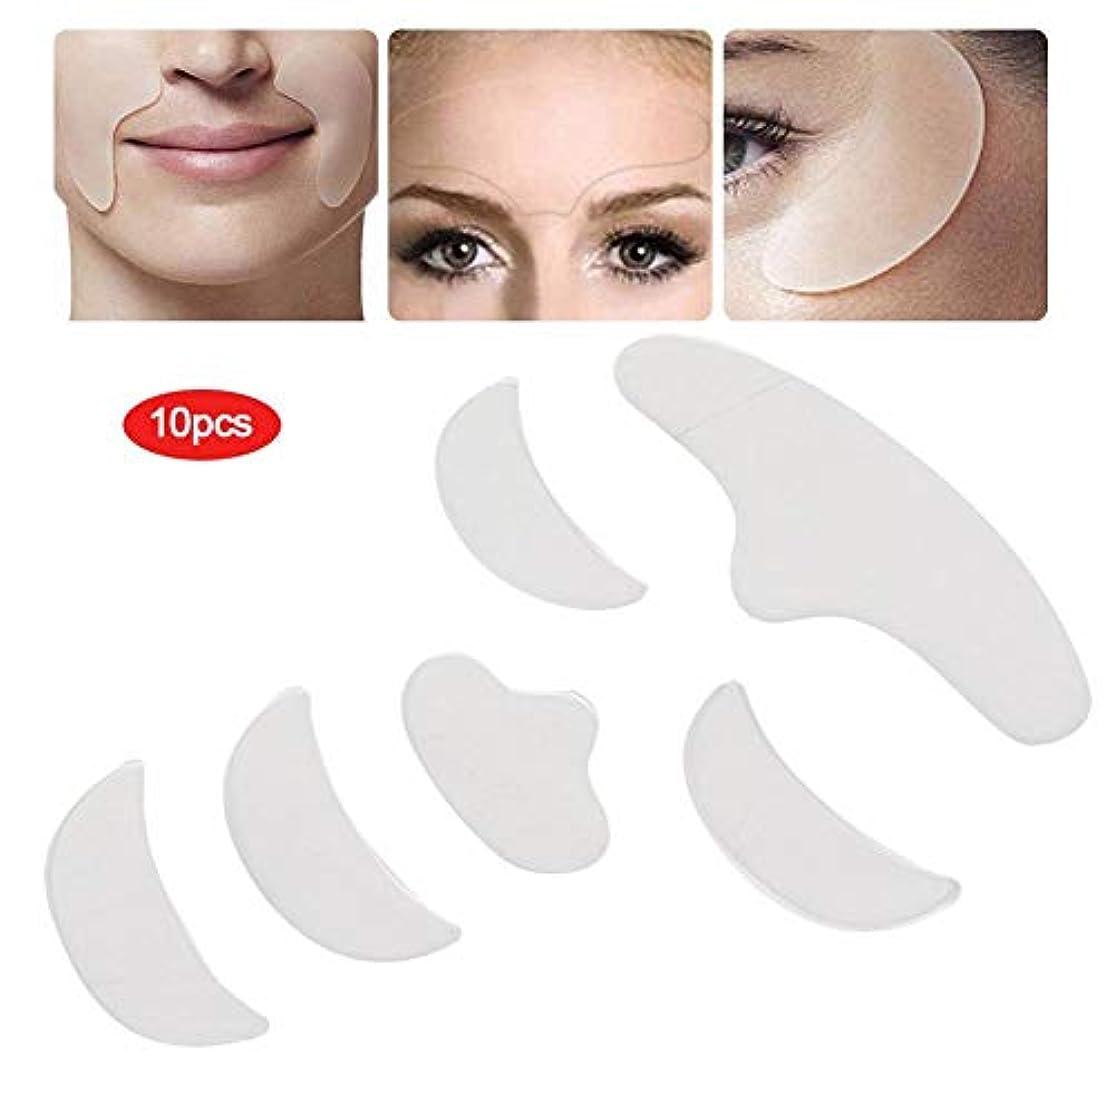 金額簡単なふくろう額のあごの顔のための6本のシリコンリンクルパッド